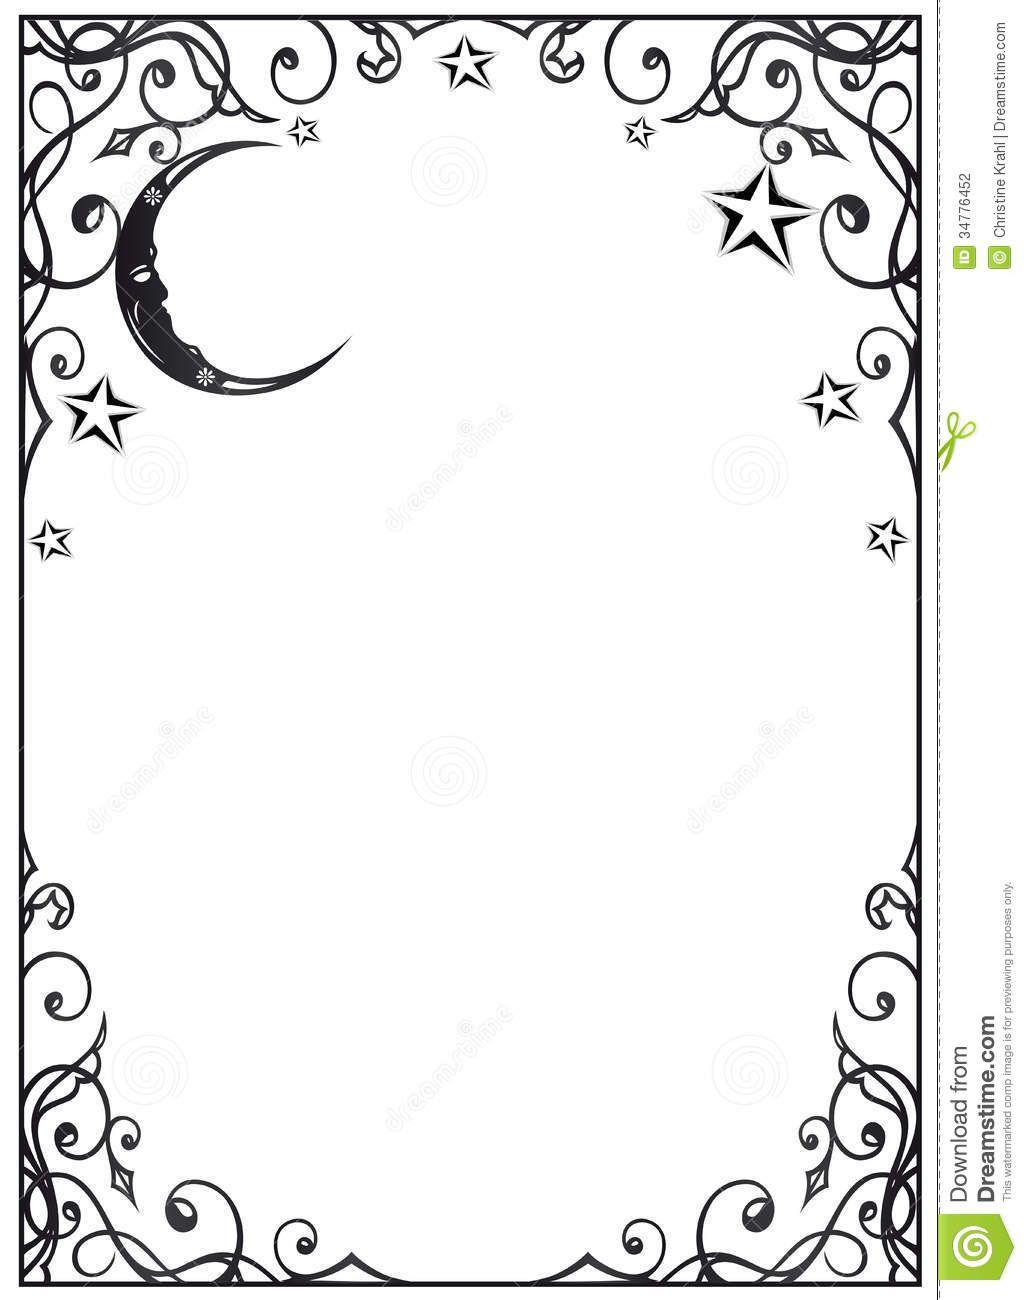 moon-stars-filigree-frame-34776452.jpg (1027×1300) | Crafts/DIY ...